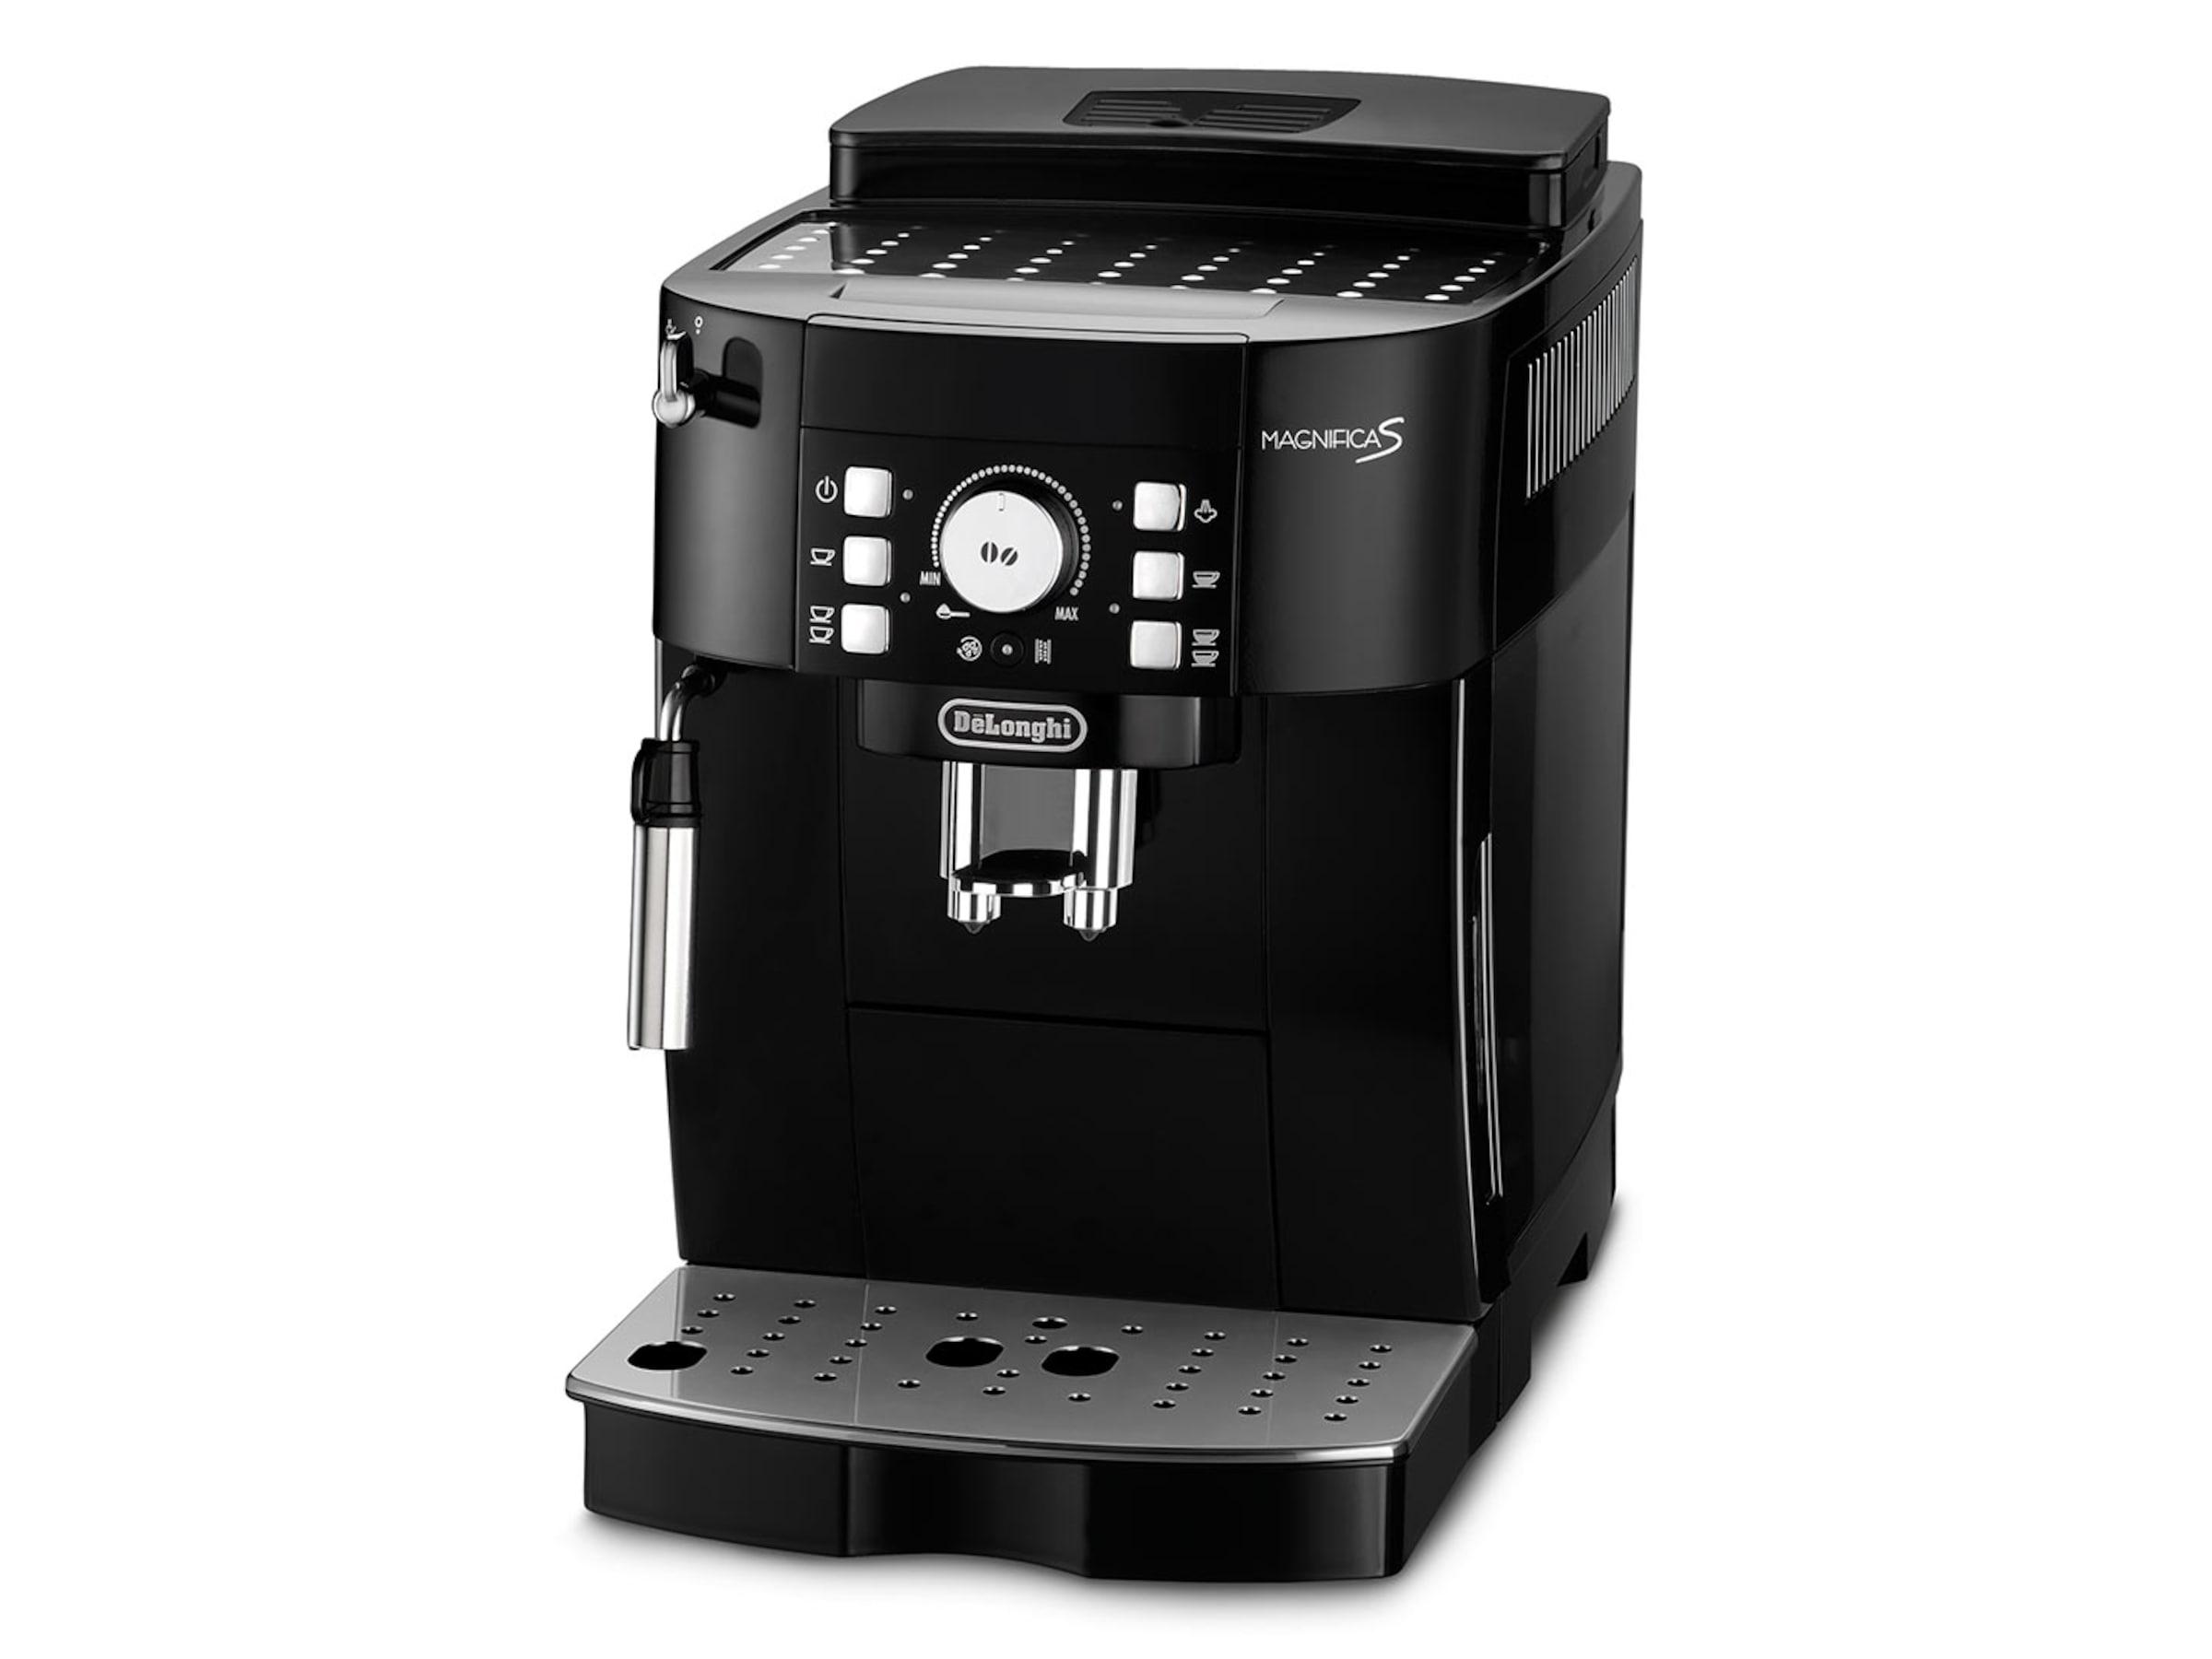 DeLonghi - Espresso - Magnifica S - Ecam 21.117.B